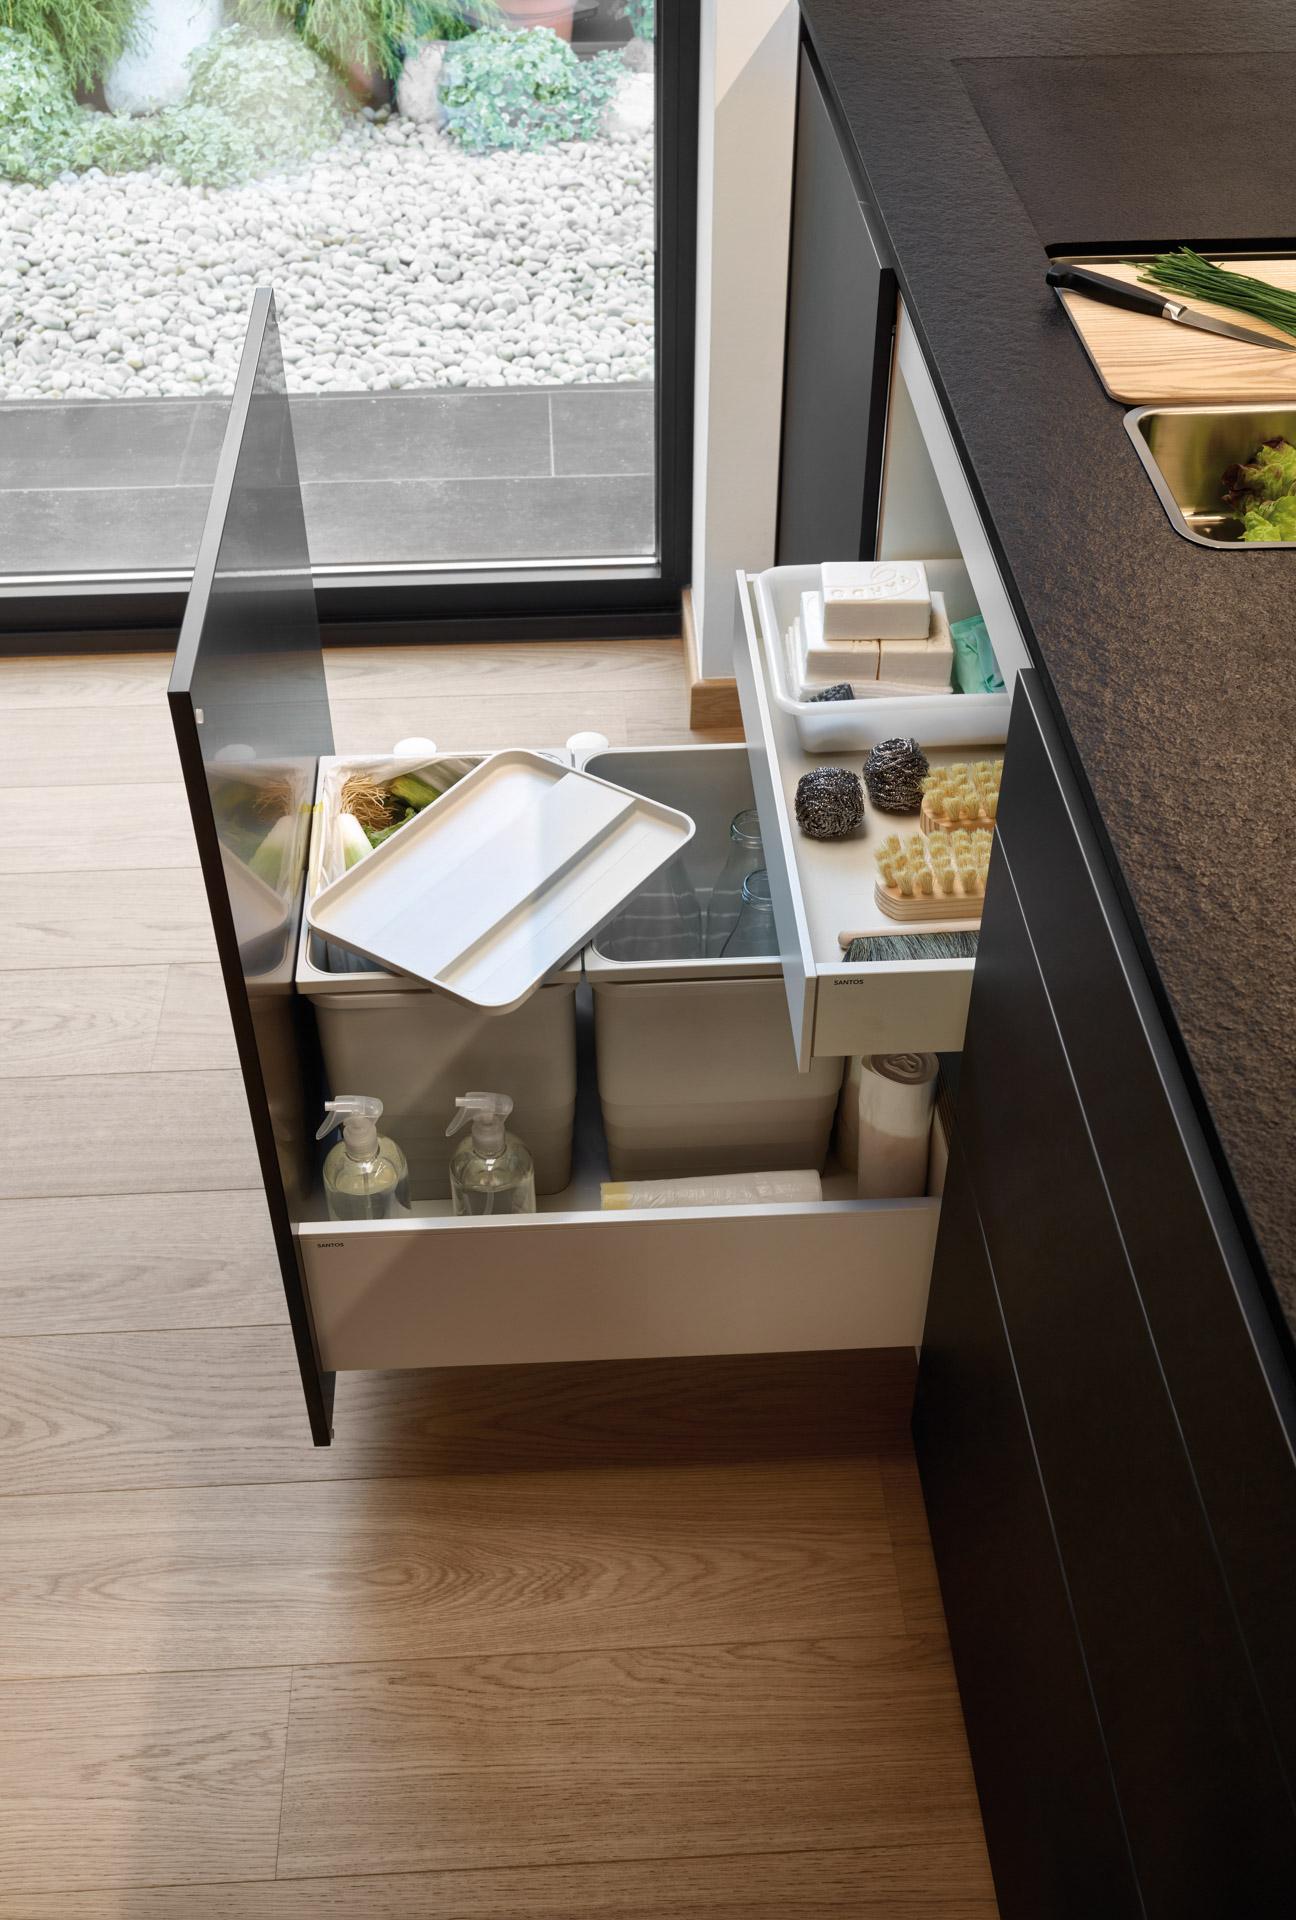 Portafregadero en cocinas en paralelo